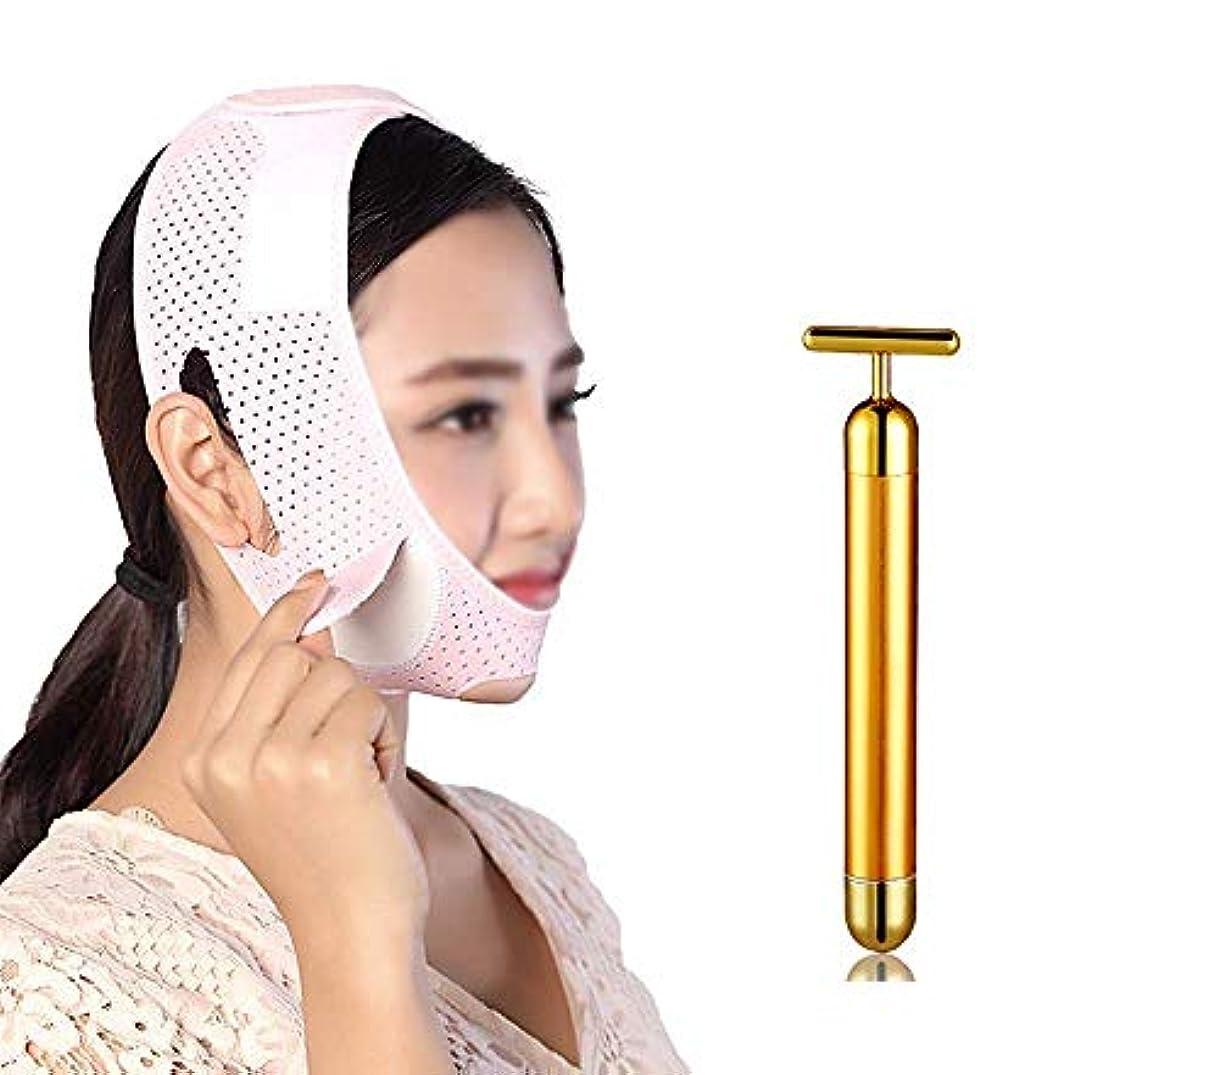 現像記念海外で顔と首を持ち上げる術後弾性セットVフェイスマスクは、チンV顔アーティファクト回復サポートベルトの収縮の調整を強化します。